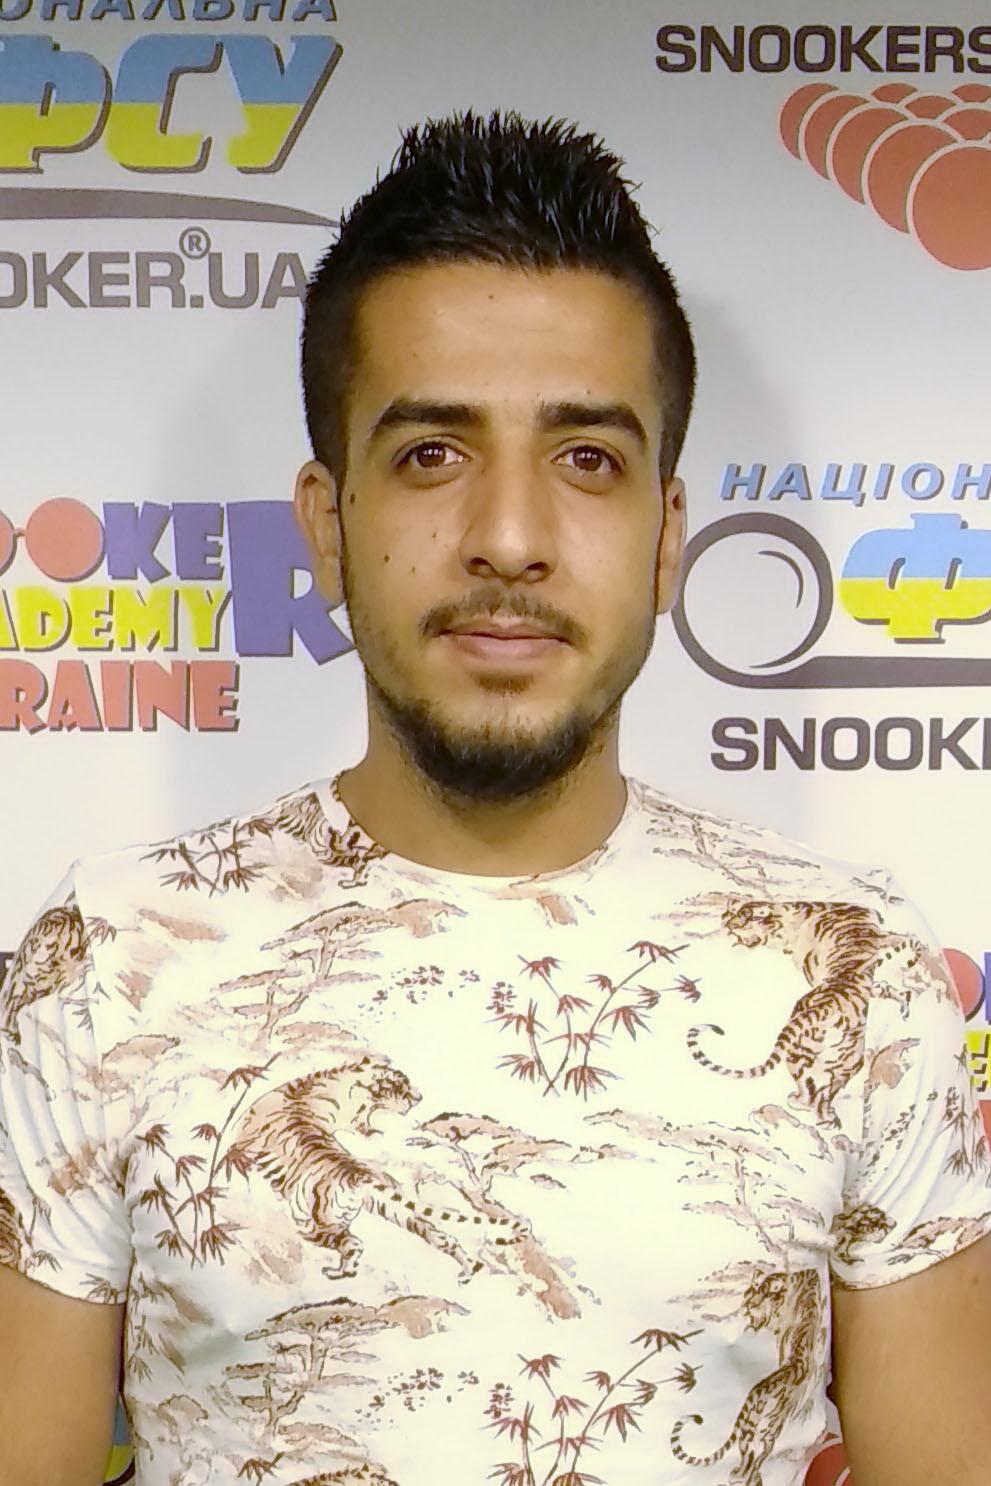 Alhalboosi Mohammed